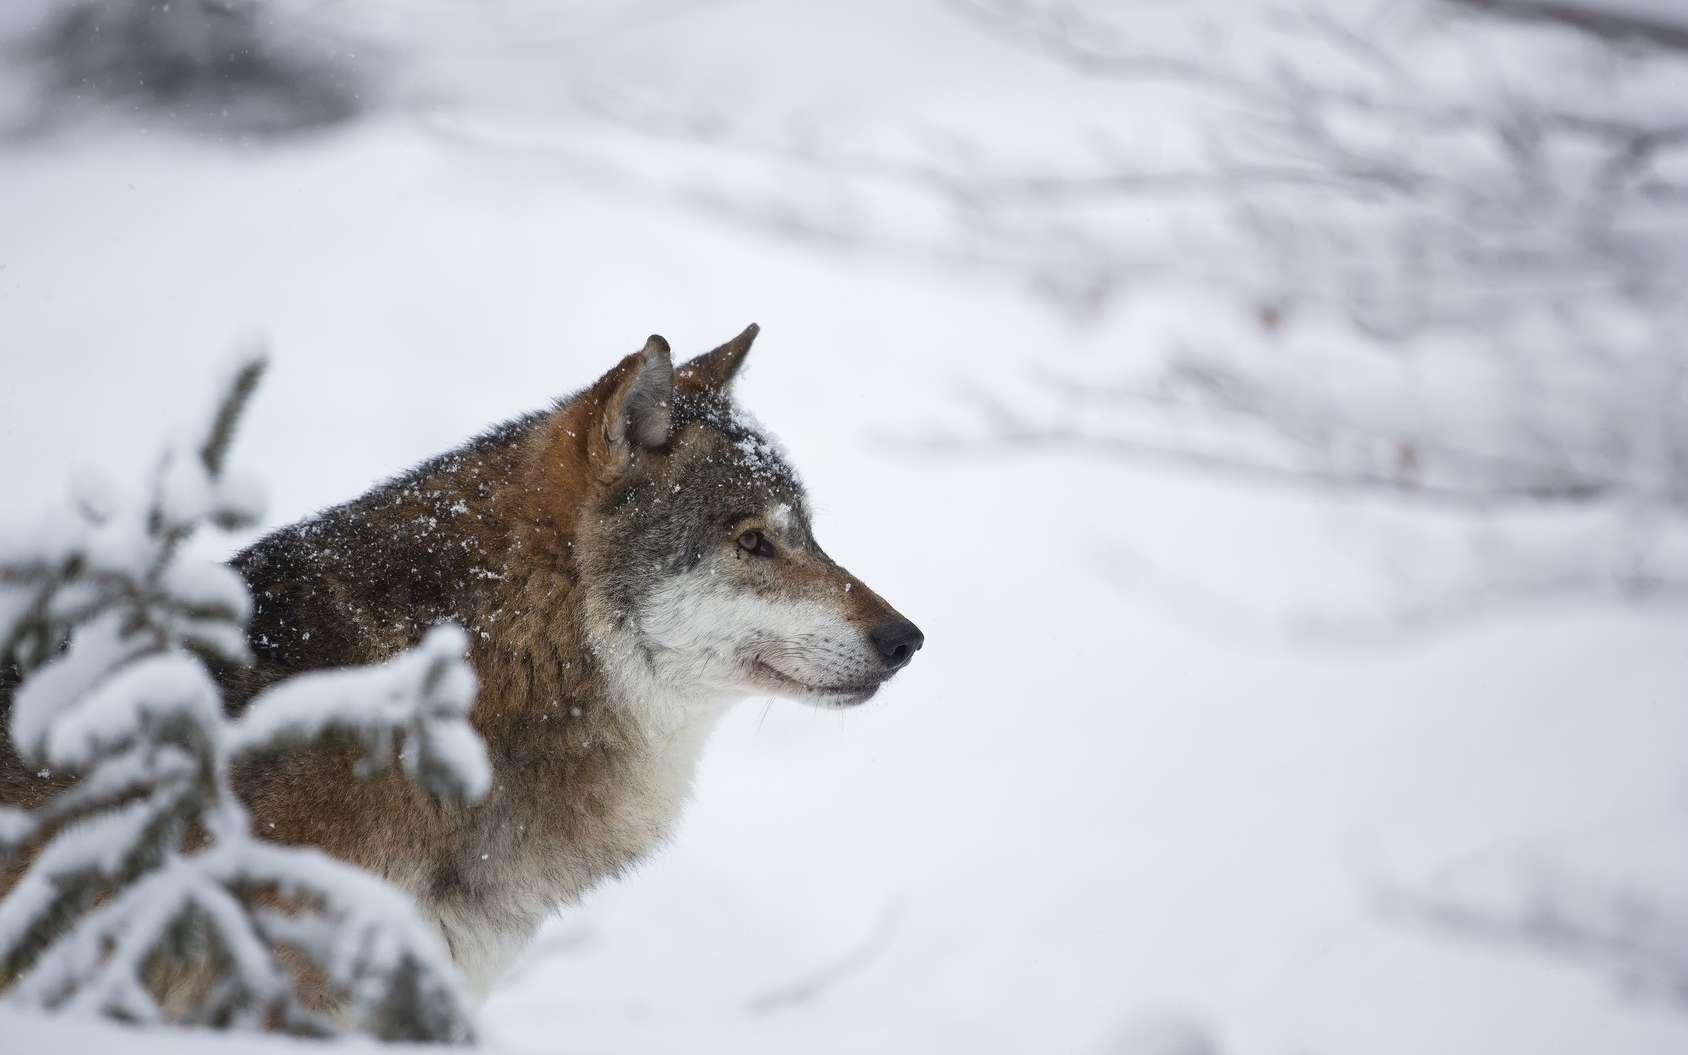 Les loups gris ont été réintroduits dans le parc de Yellowstone en 1995. © hitman1234, Fotolia